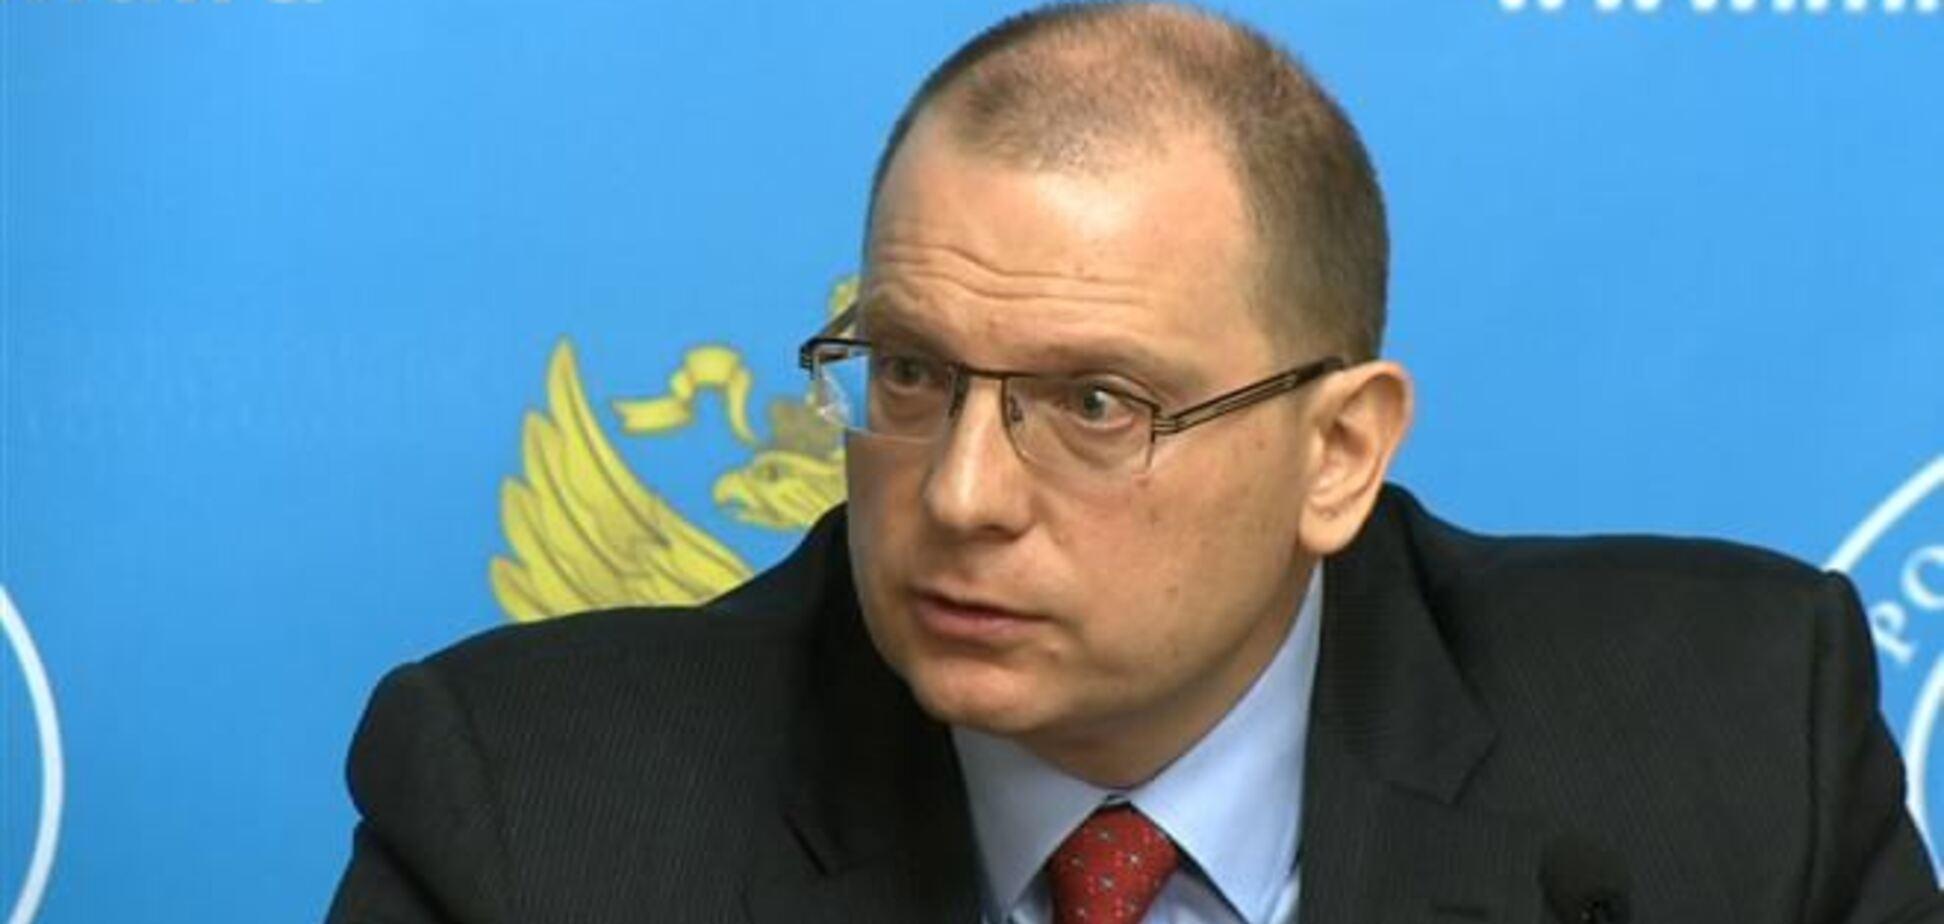 Уповноважений МЗС РФ з прав людини вимагає 'нейтралізувати українських екстремістів'